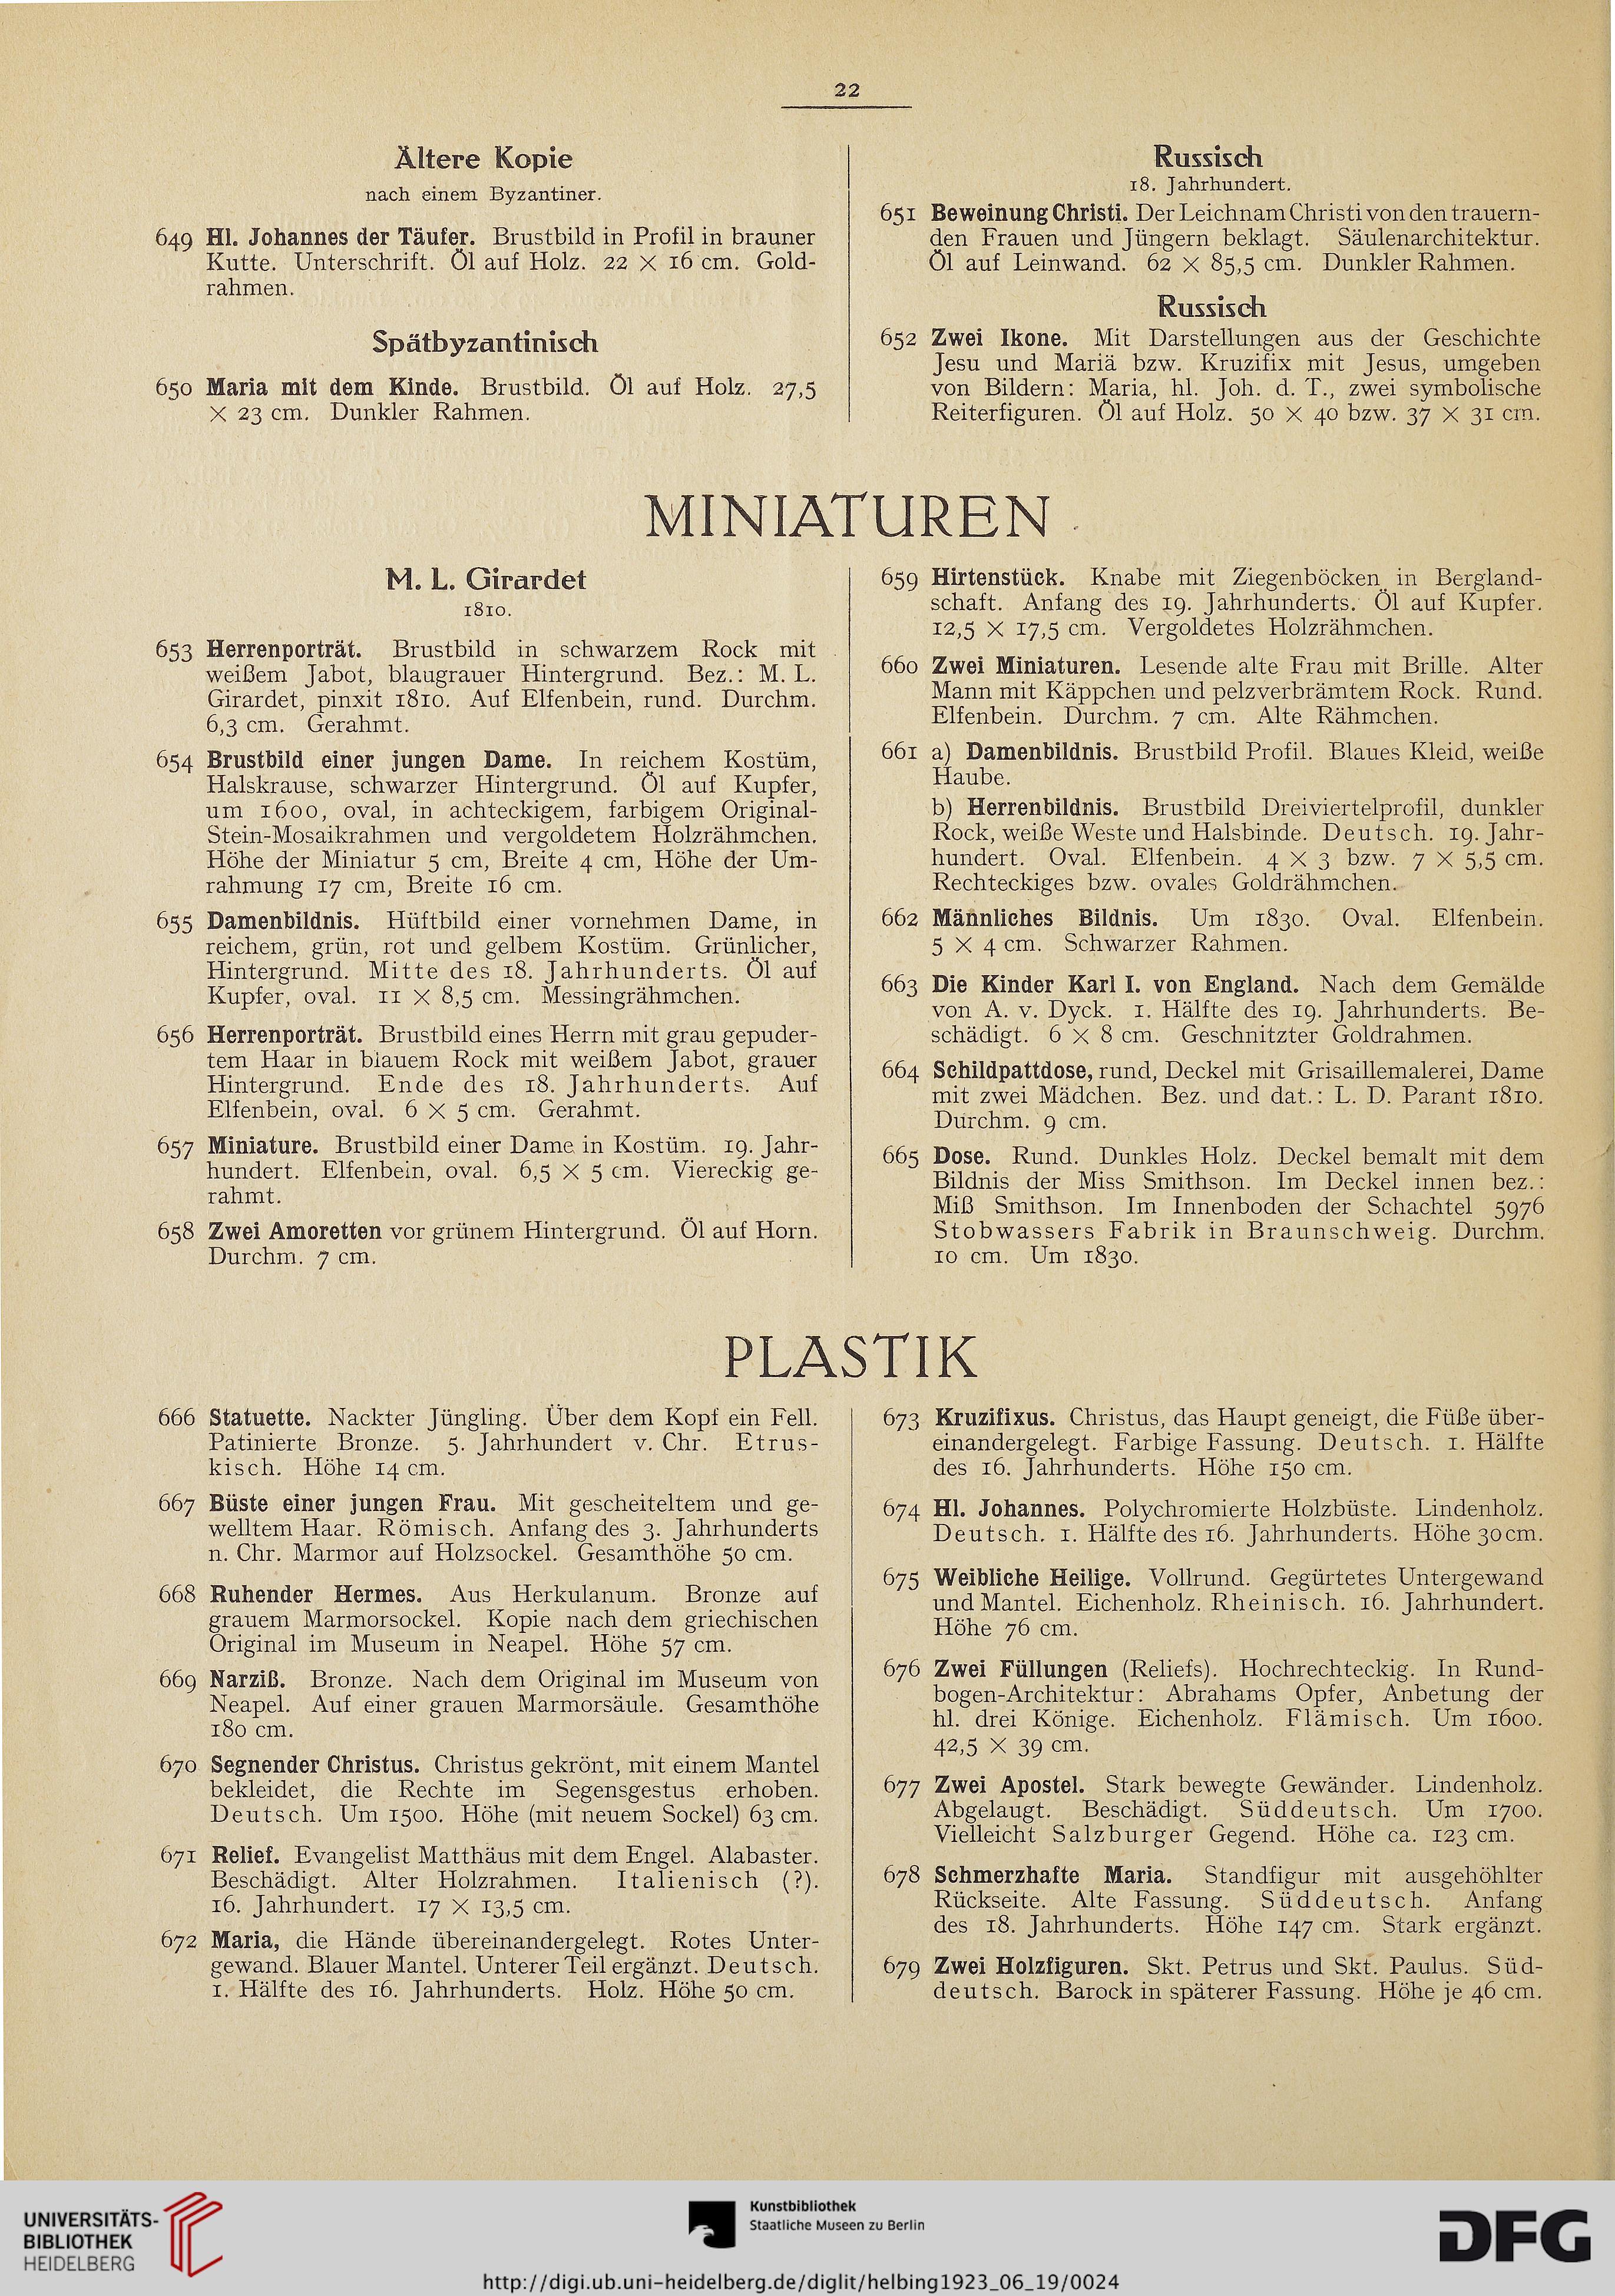 Großzügig Rahmen Für Magazinabdeckungen Bilder - Rahmen Ideen ...